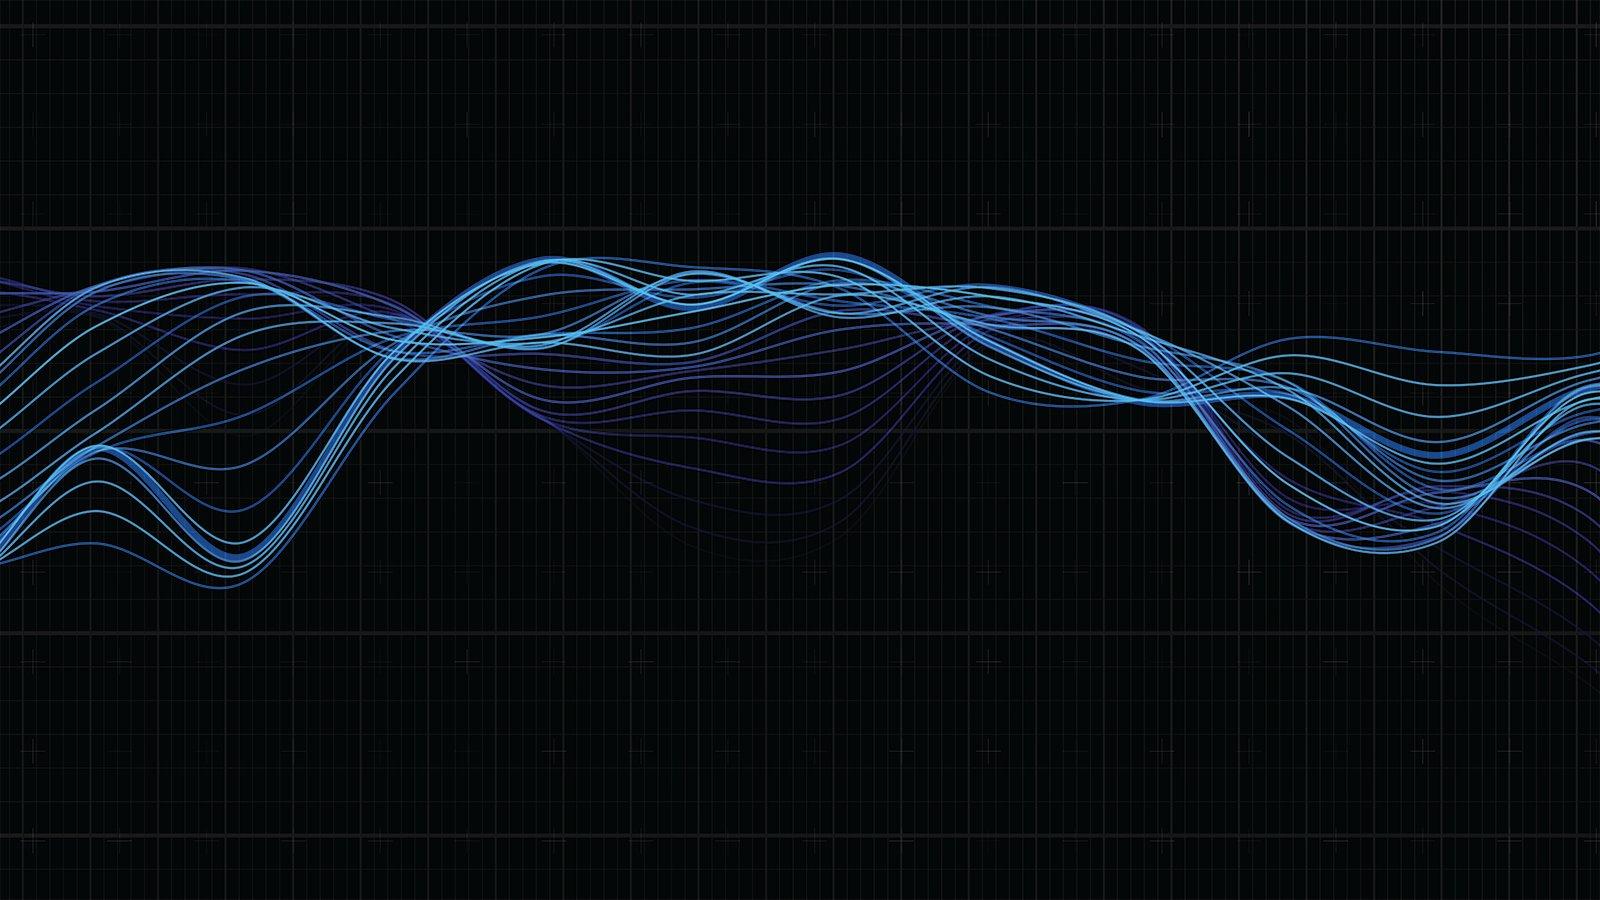 Predicciones de precios de Audius: ¿Qué tan alto puede llevar una oferta de TikTok a las criptomonedas de AUDIO?